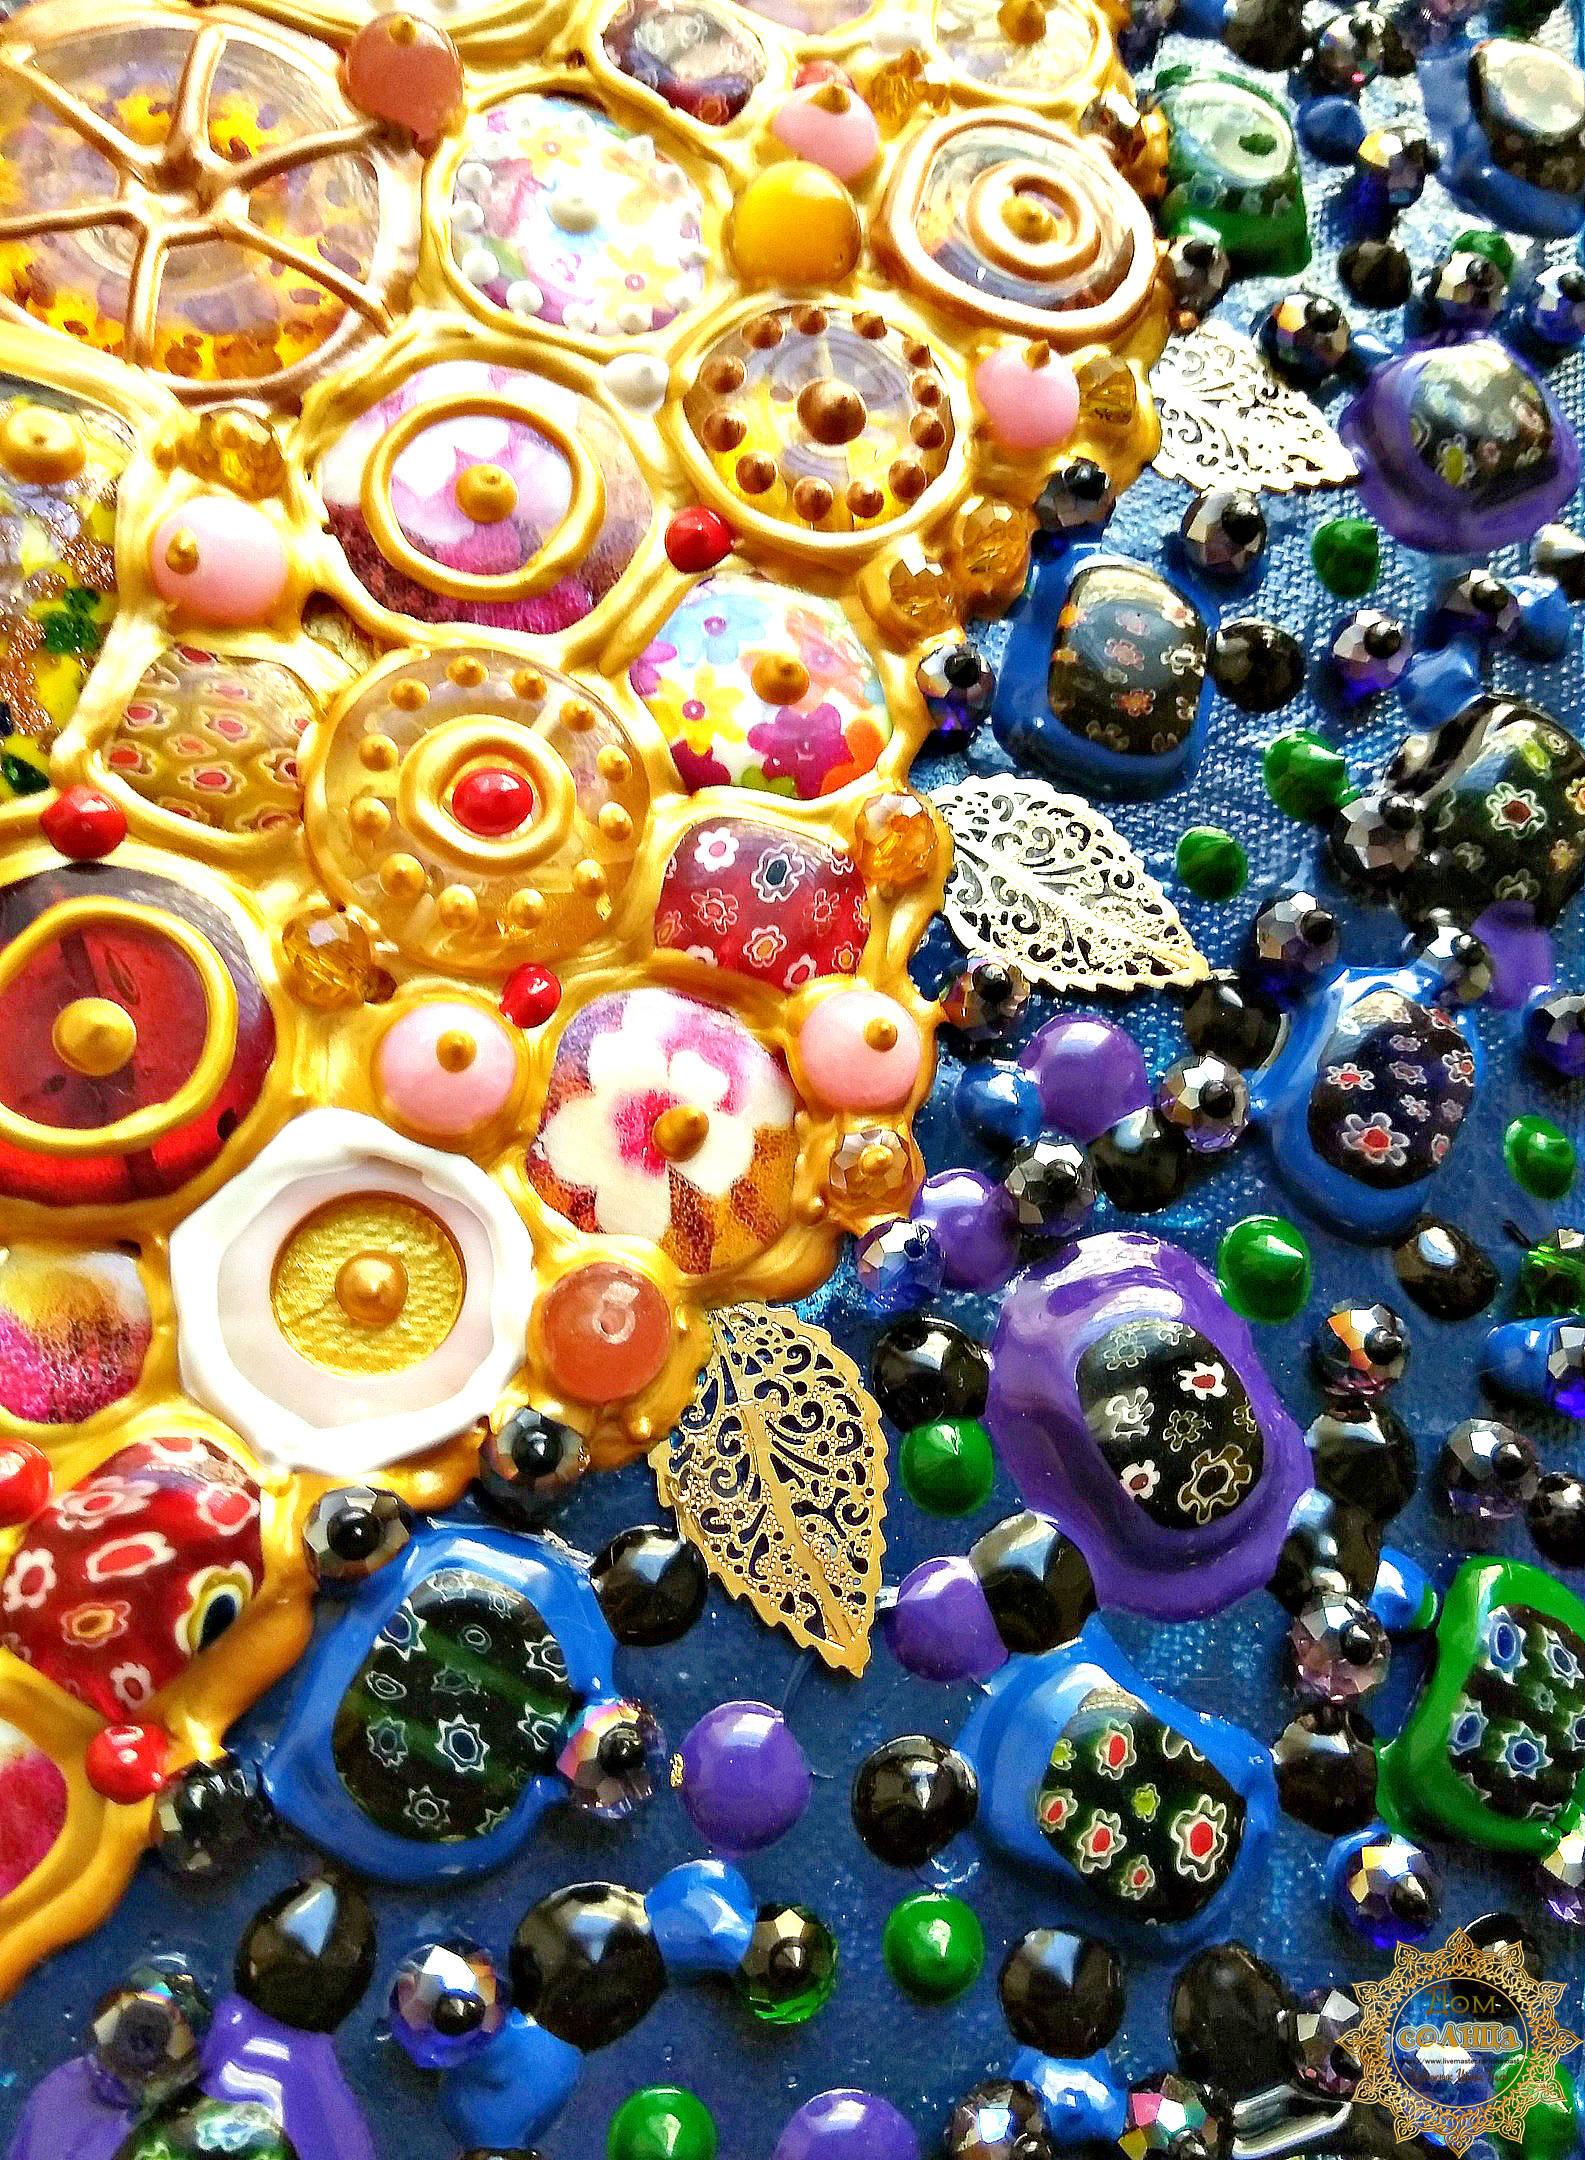 Декоративное панно из полудрагоценных камней и муранского (венецианского) стекла Солнечный букет по мотивам работ испанского художника Хуана Ромеро (Juan Romero). Детали.